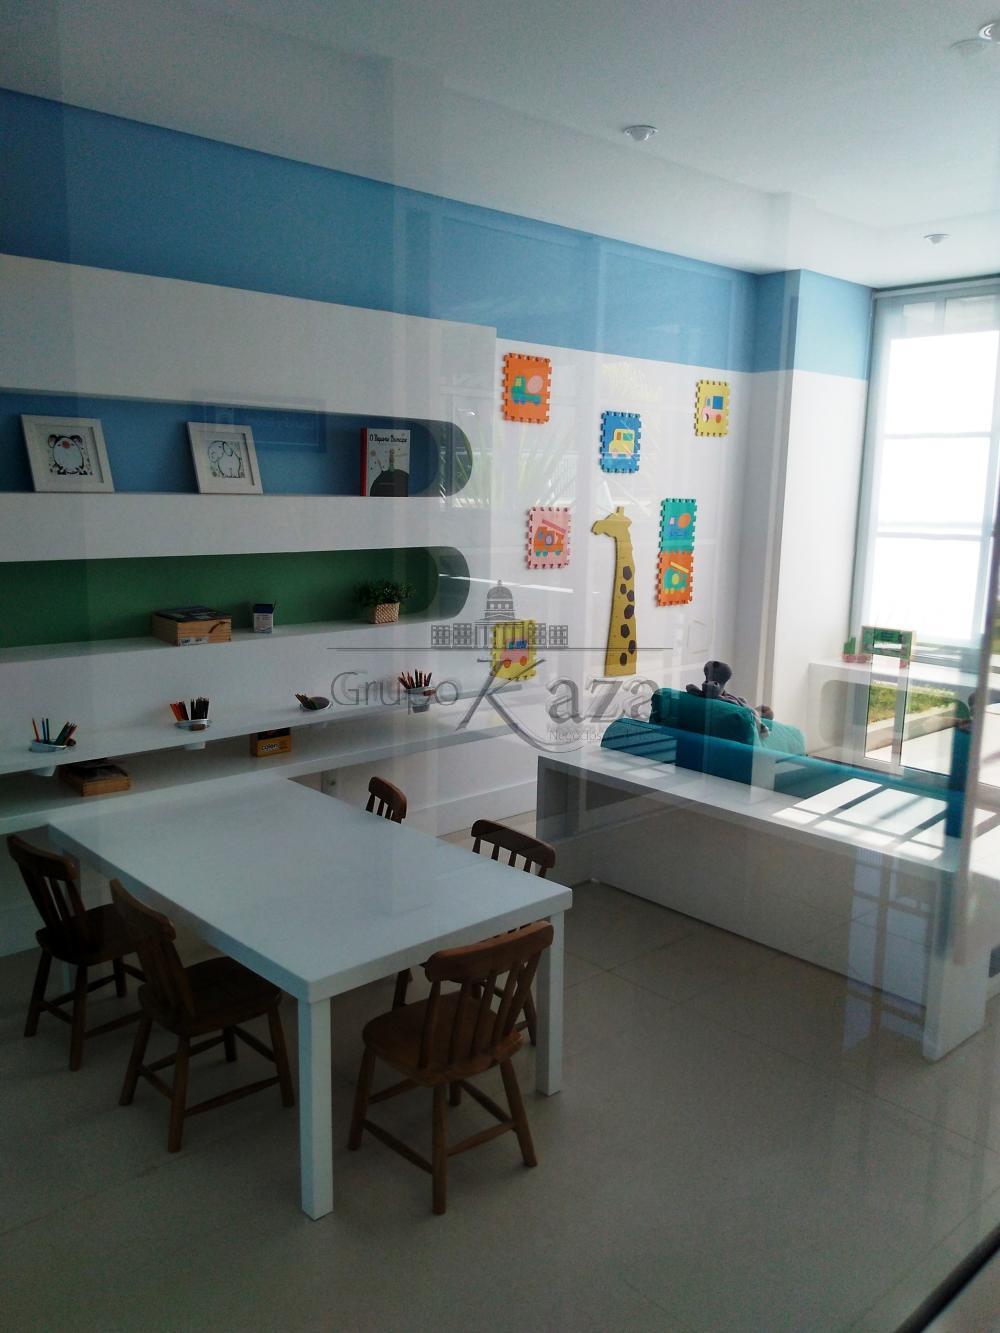 alt='Alugar Apartamento / Padrão em São José dos Campos R$ 3.300,00 - Foto 26' title='Alugar Apartamento / Padrão em São José dos Campos R$ 3.300,00 - Foto 26'